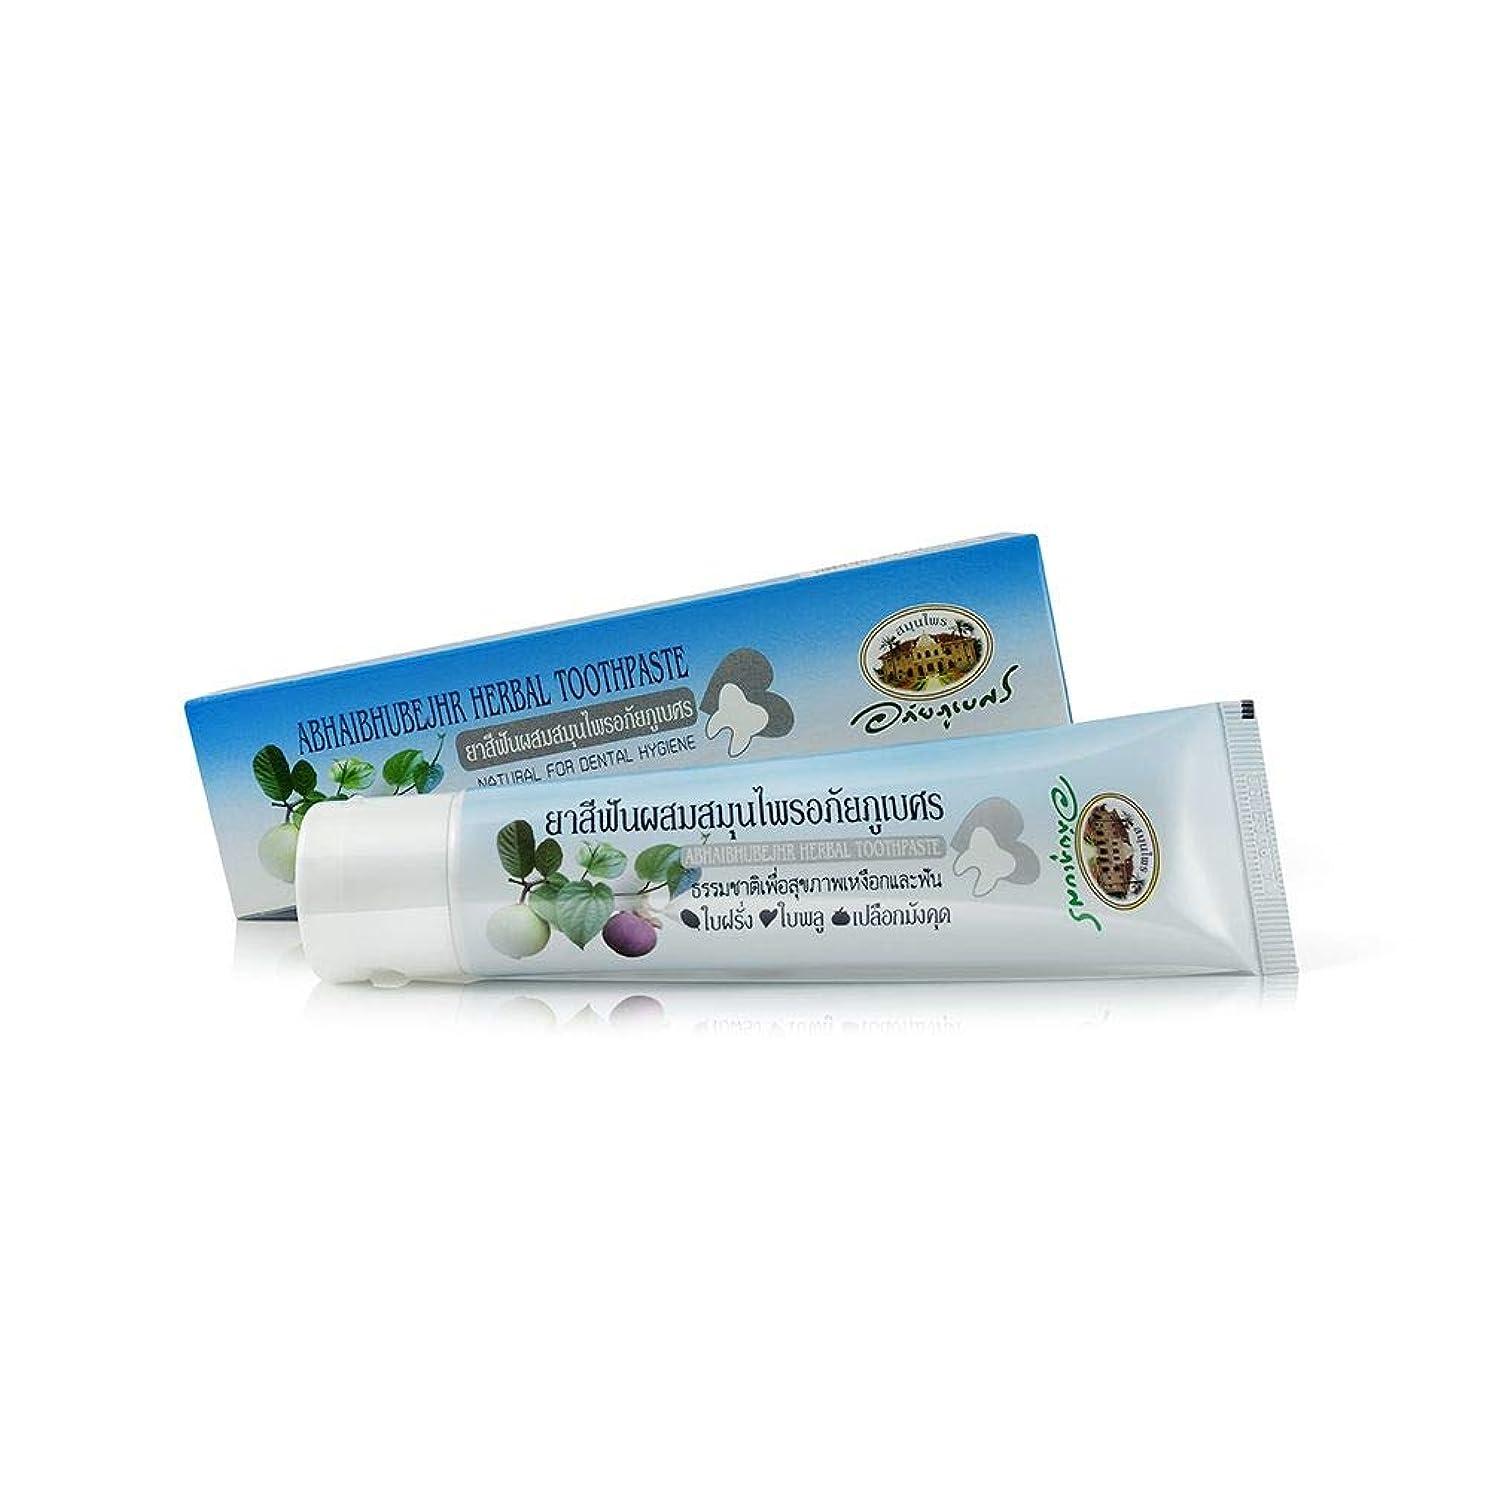 がんばり続ける天の困惑Abhaibhubejhr Herbal Toothpaste Natural For Dental Hygiene 歯科衛生のためのAbhaibhubejhrハーブ歯磨き粉ナチュラル (70g)